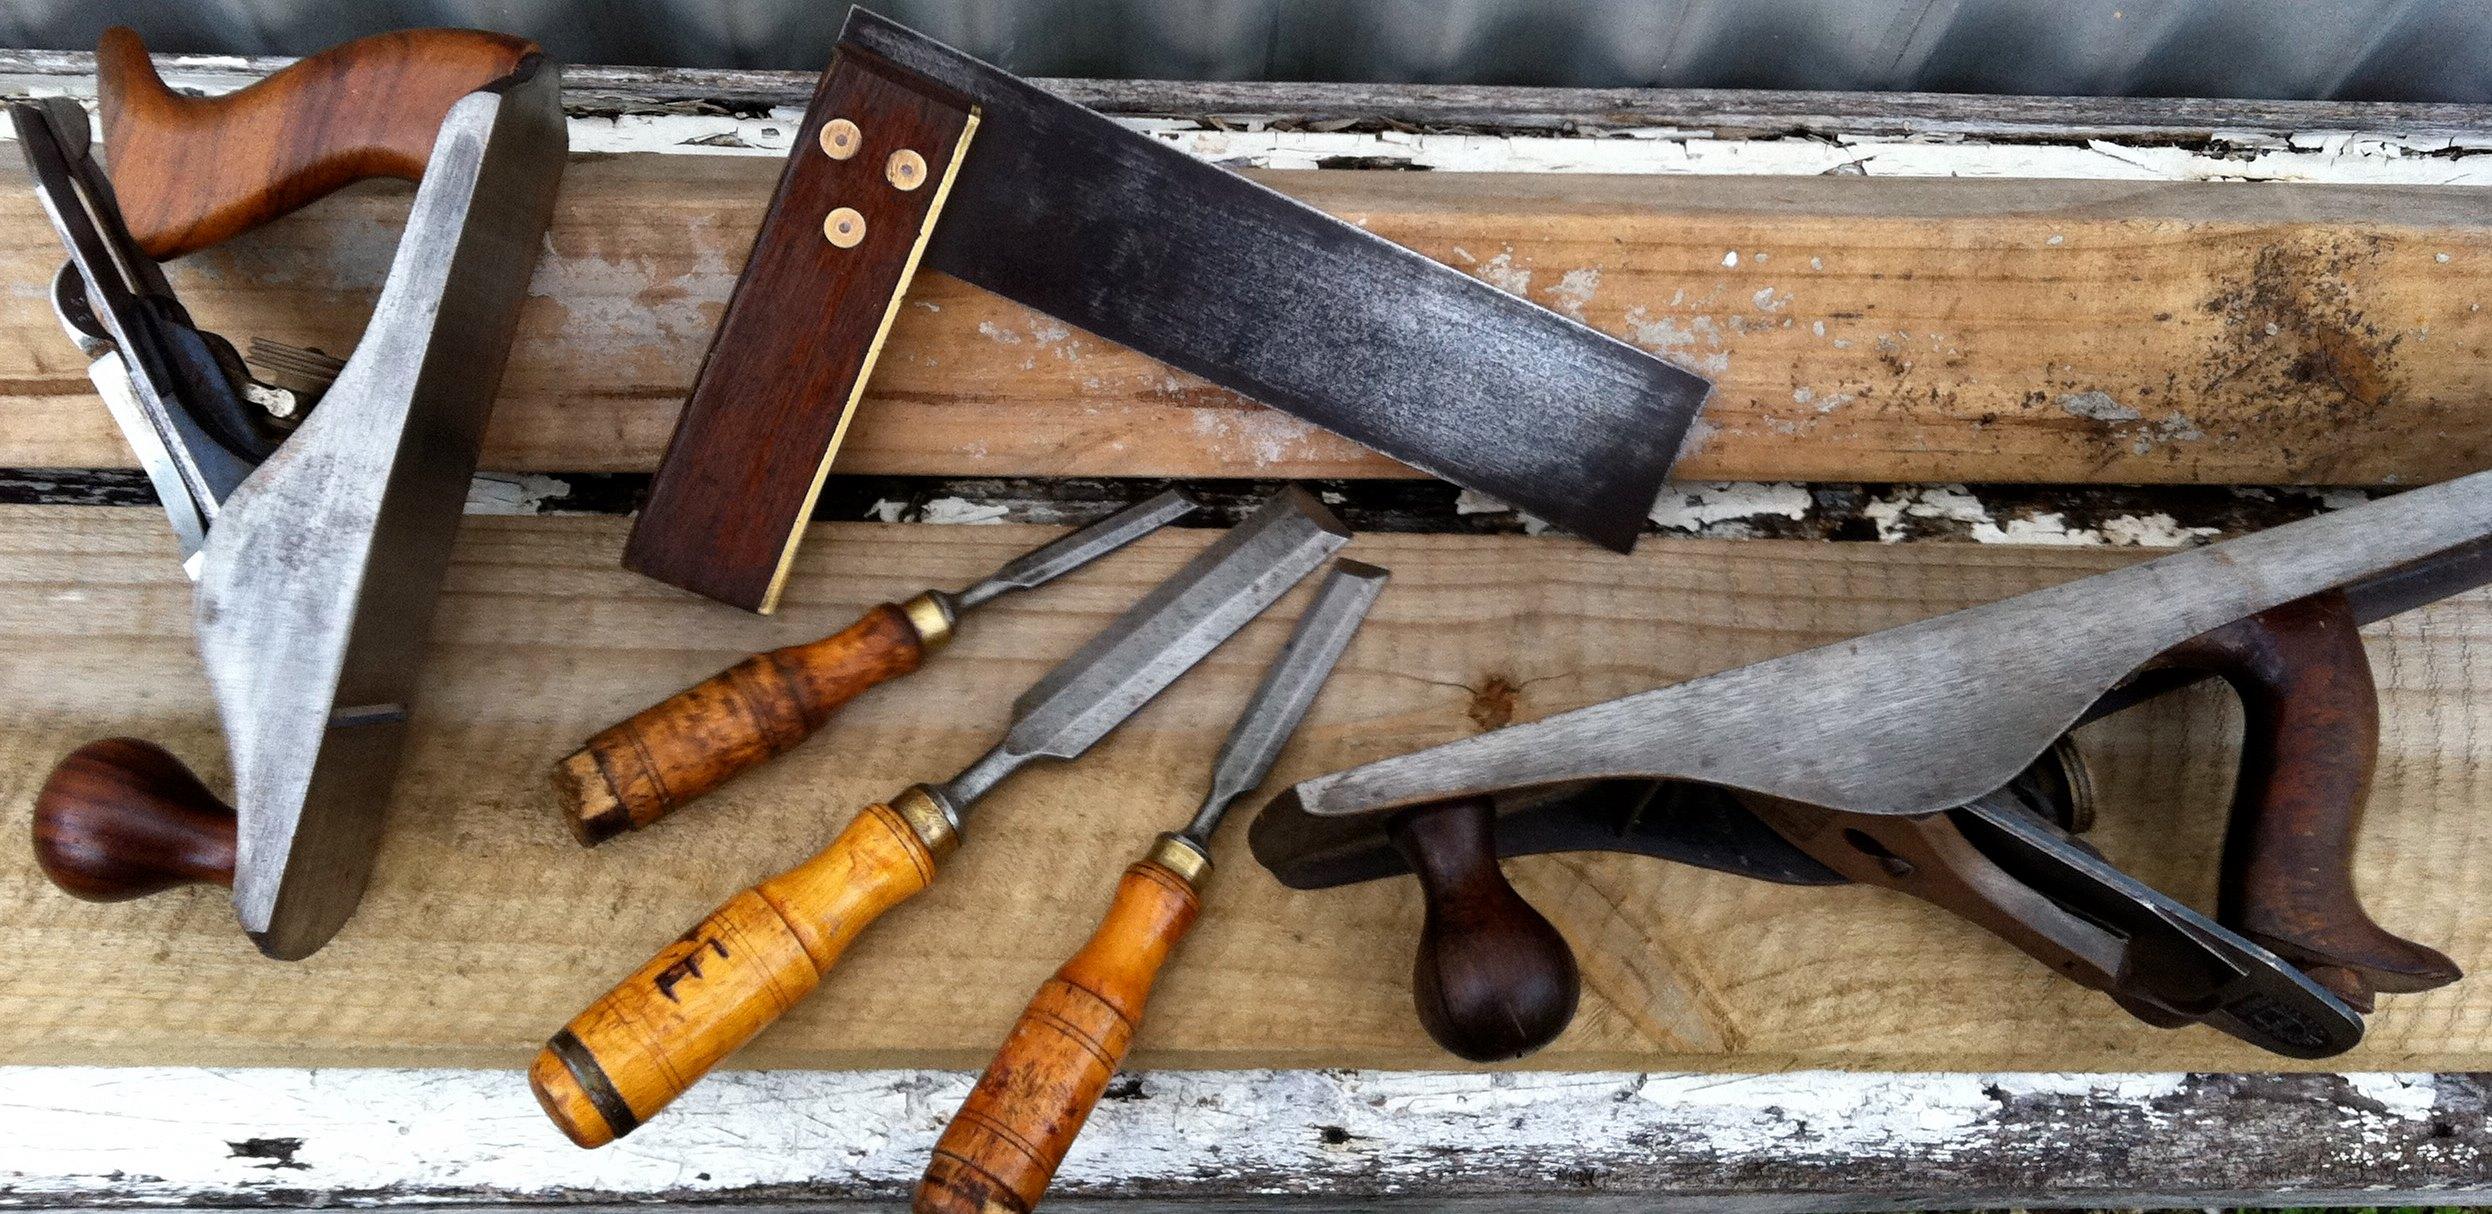 Contact Dain's Lumber in Peekskill, NY